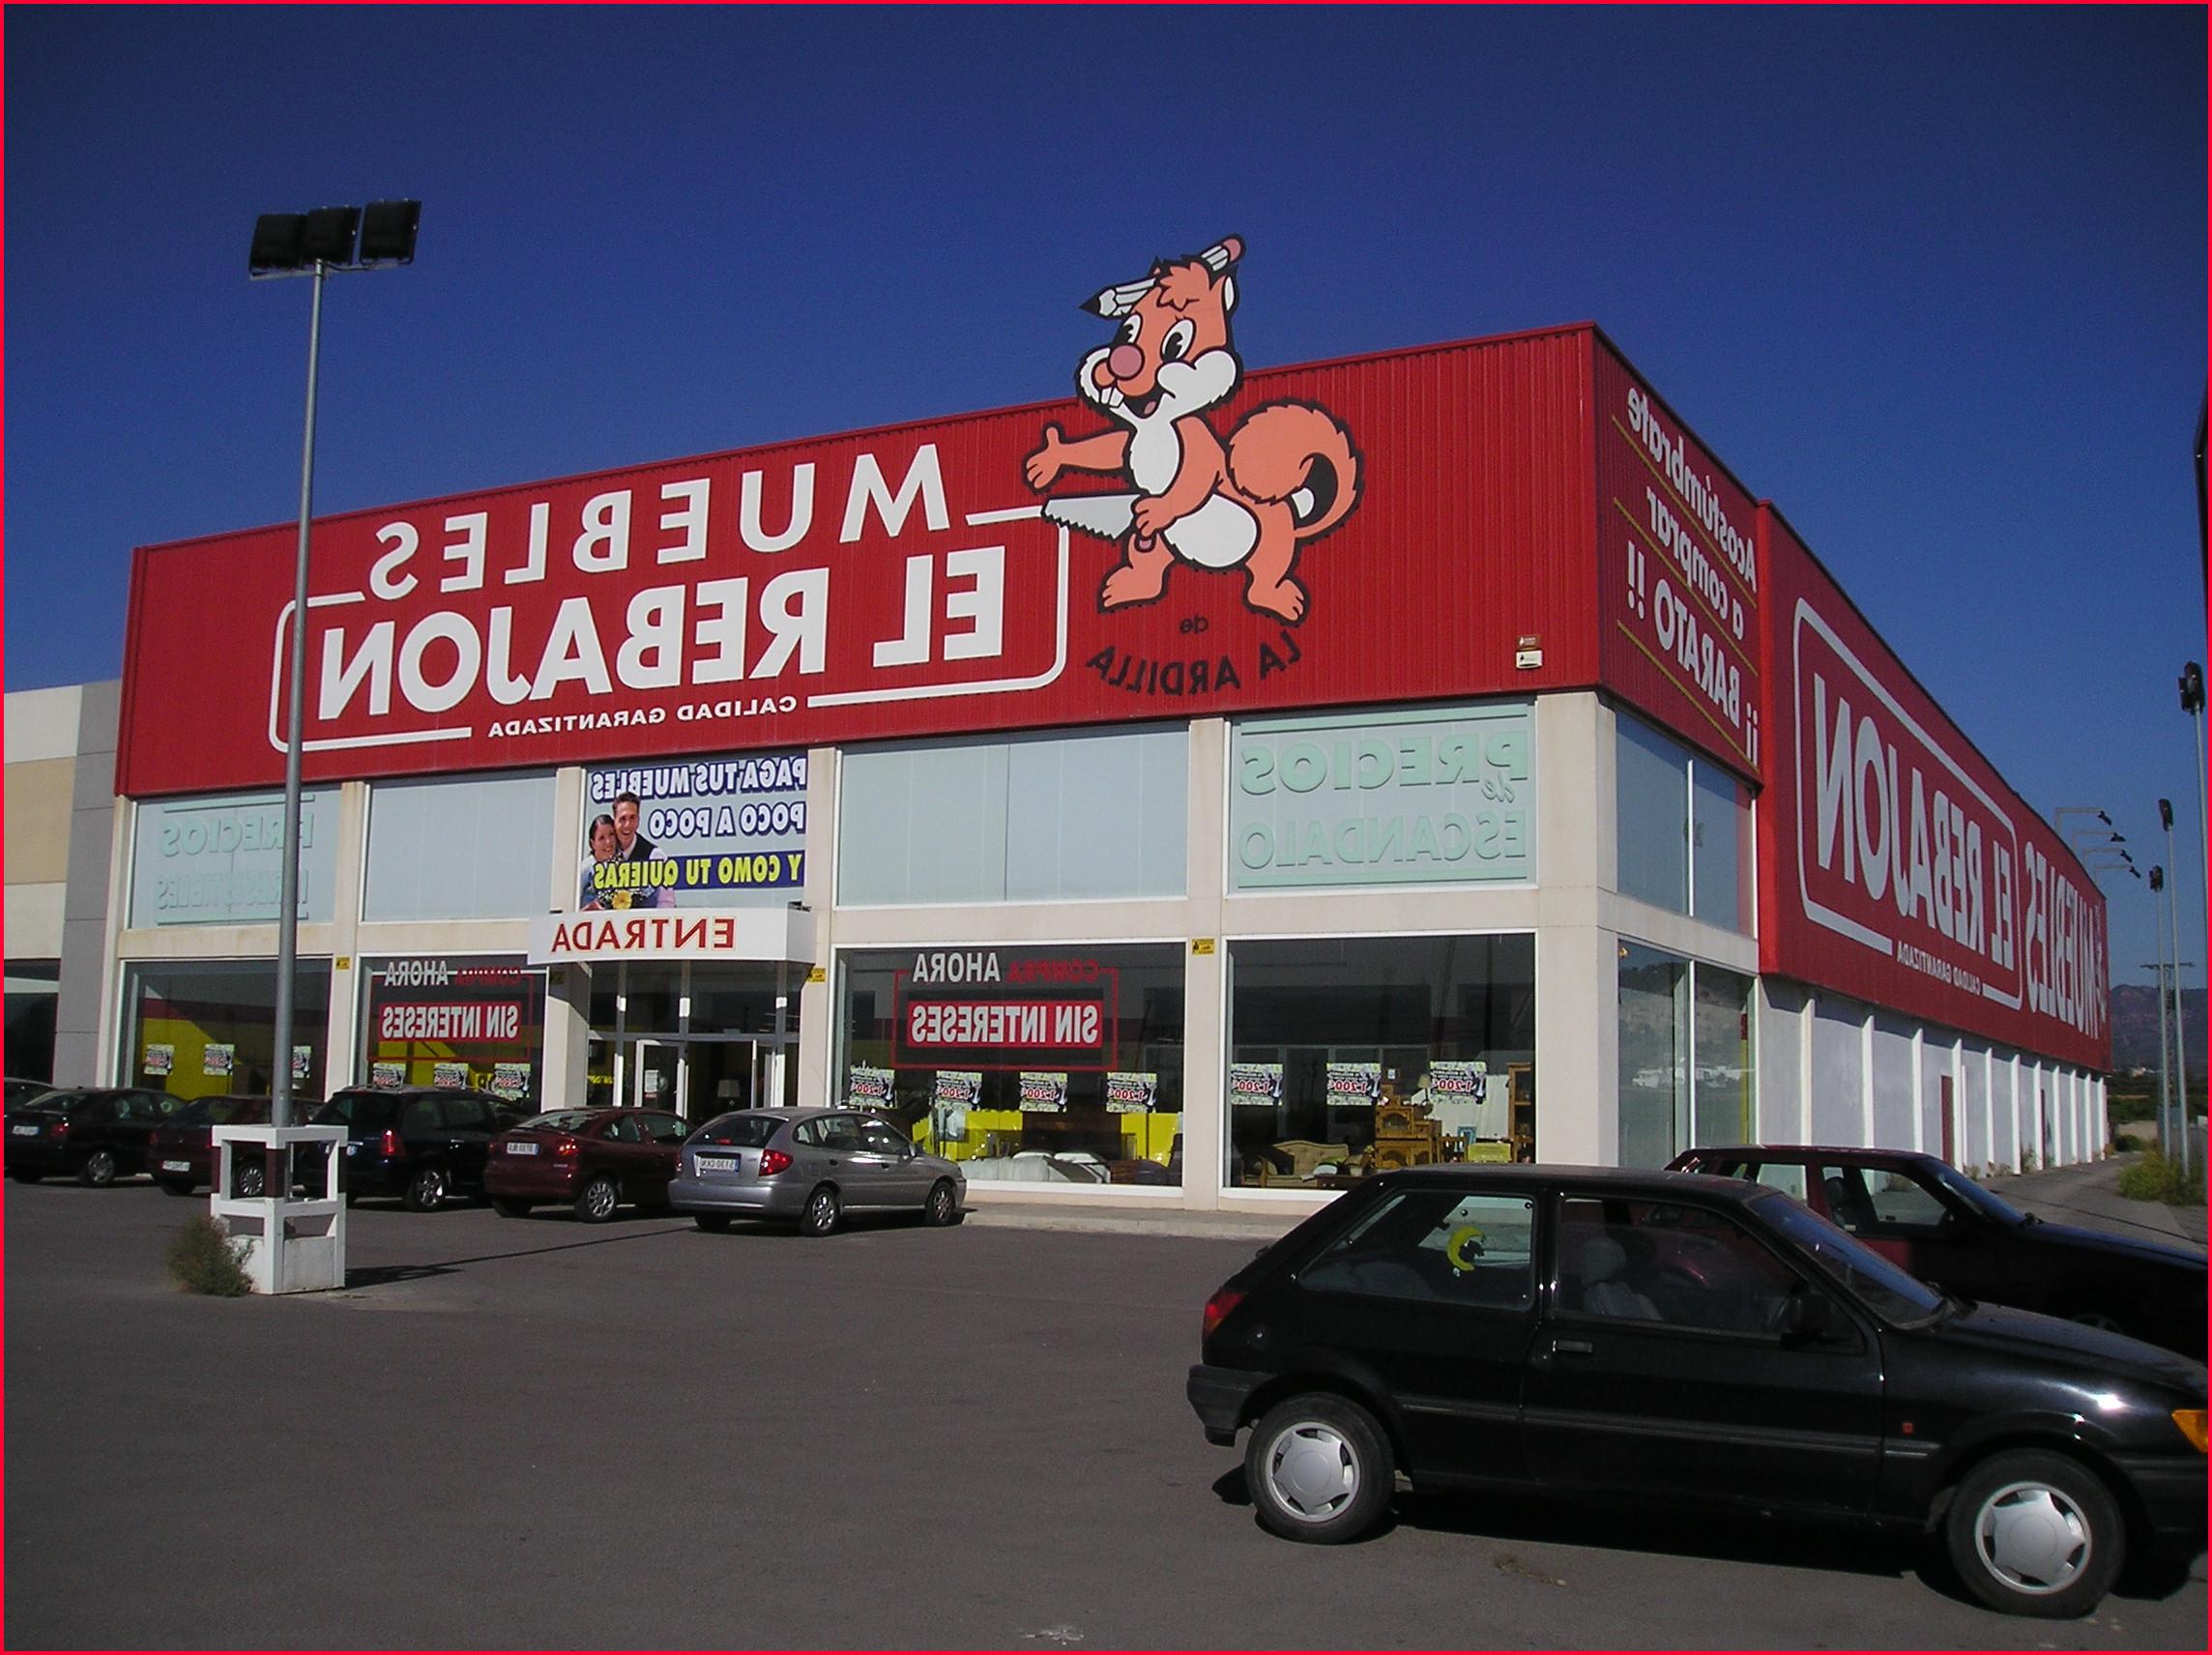 Compradores De Muebles A Domicilio Irdz Pra Venta Muebles Barcelona Pra De Muebles Usados A